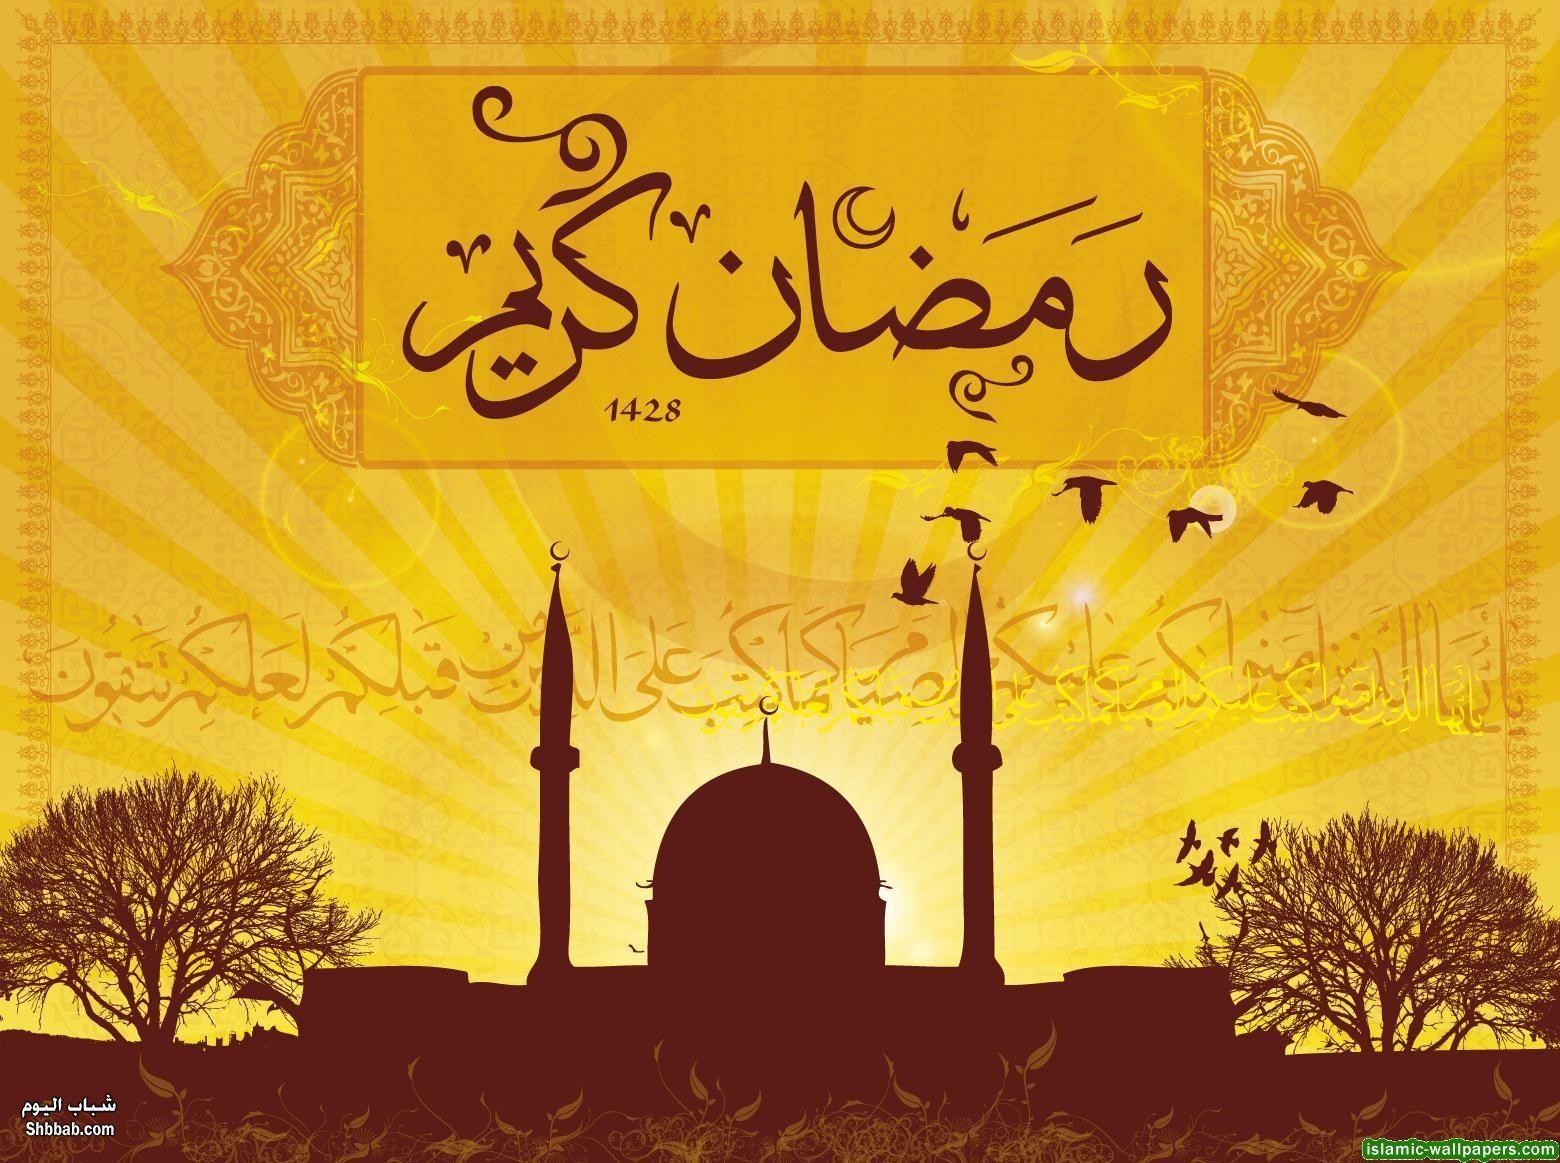 صور شهر رمضان كريم 1436 2015 جديدة متحركة صور اللهم بلغنا رمضان Ramadan Wishes Ramadan Ramadan Images